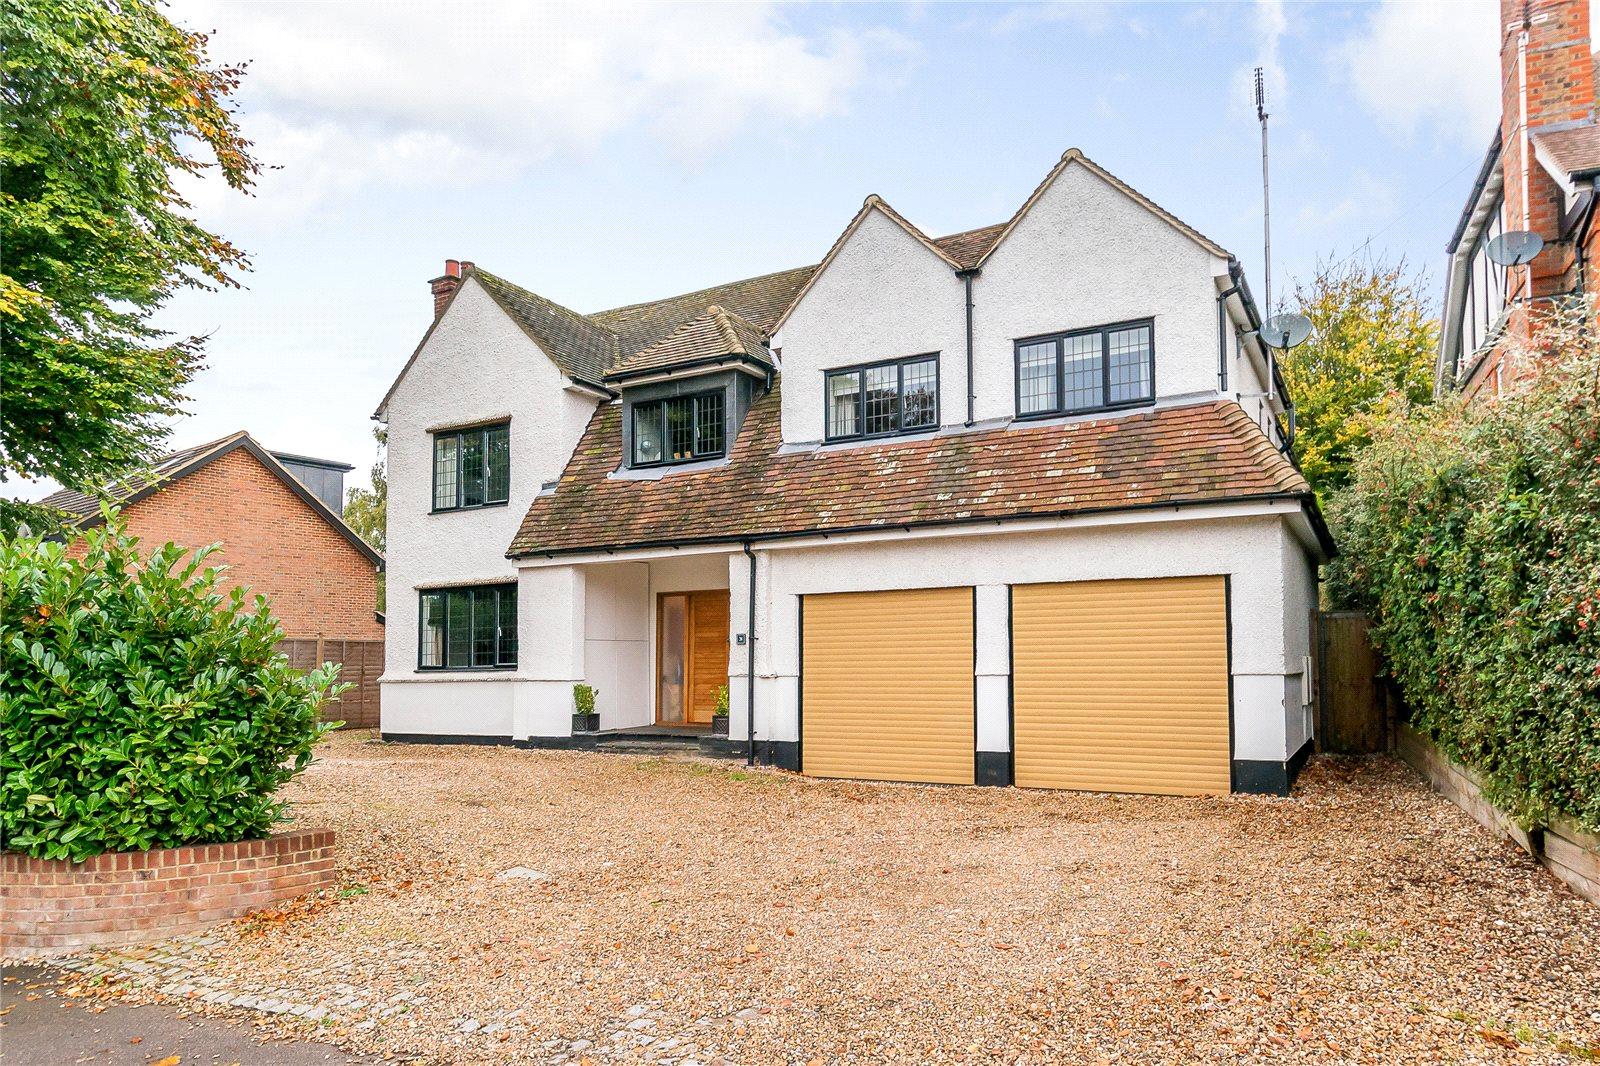 Einfamilienhaus für Verkauf beim Crabtree Lane, Harpenden, Hertfordshire, AL5 Harpenden, England